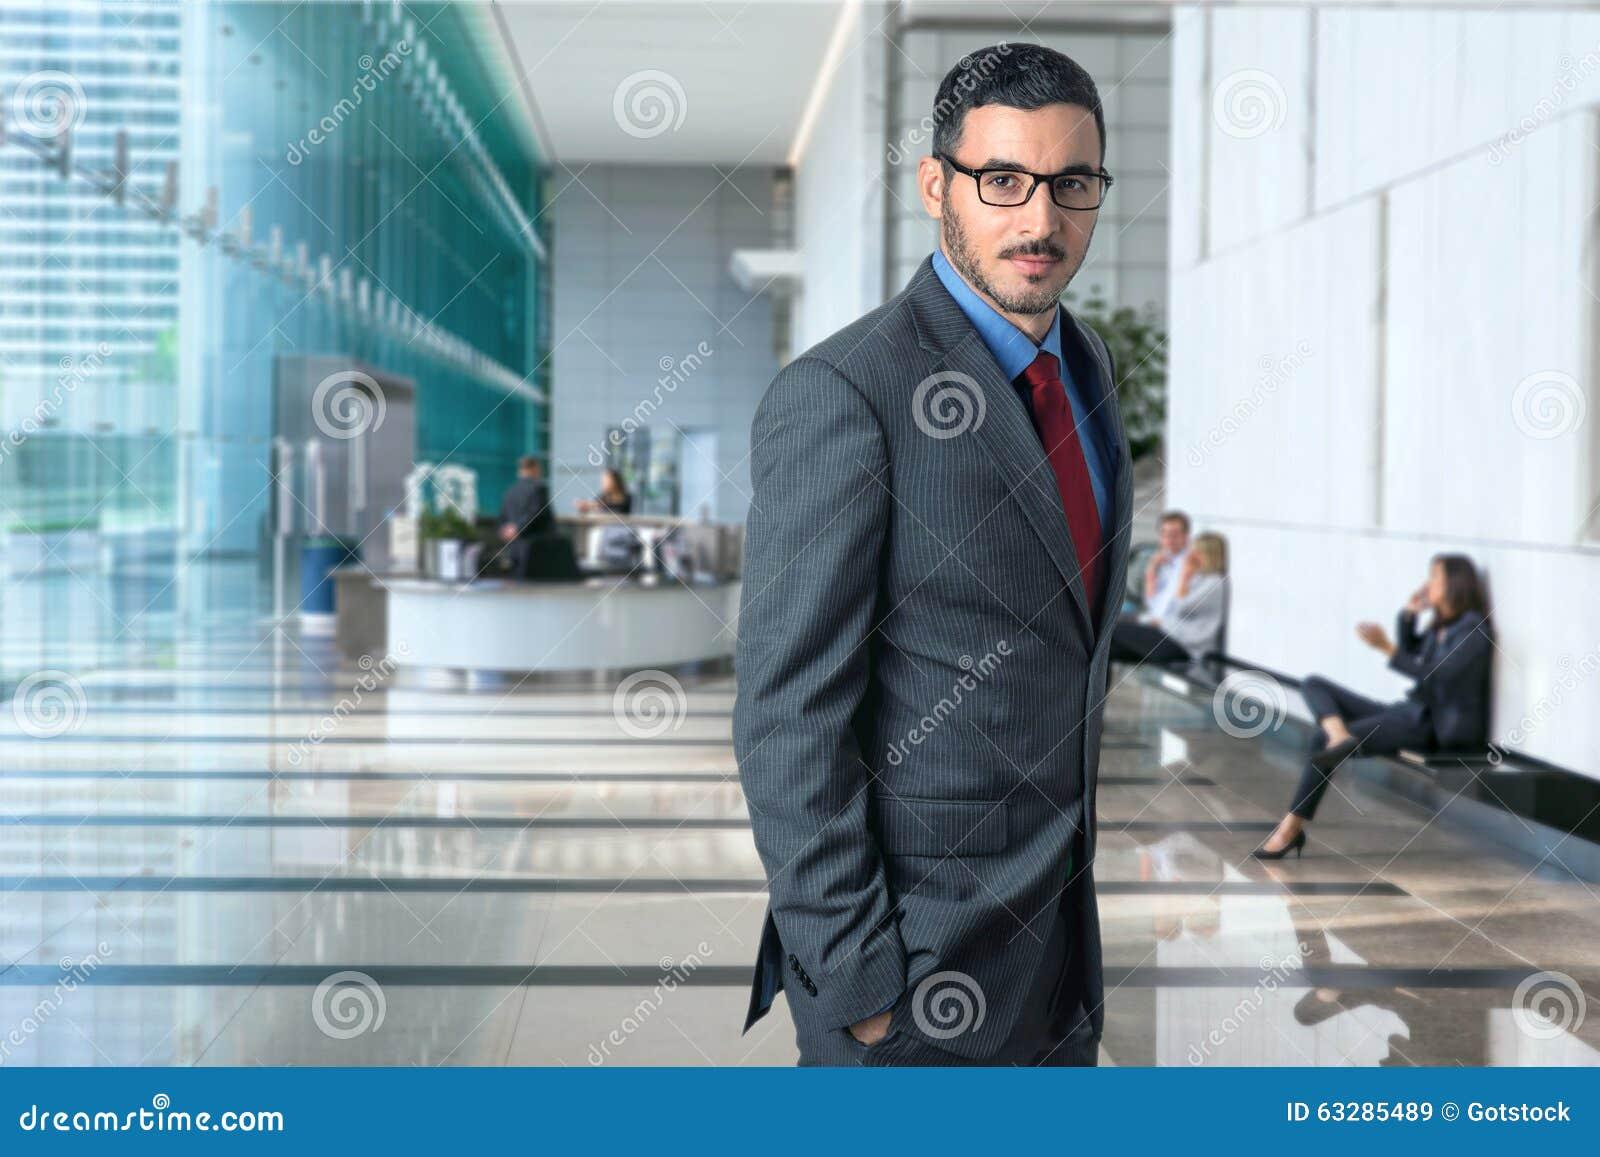 Portrait de mode de vie d avocat professionnel exécutif moderne de mandataire d homme d affaires dans le style élégant de local c